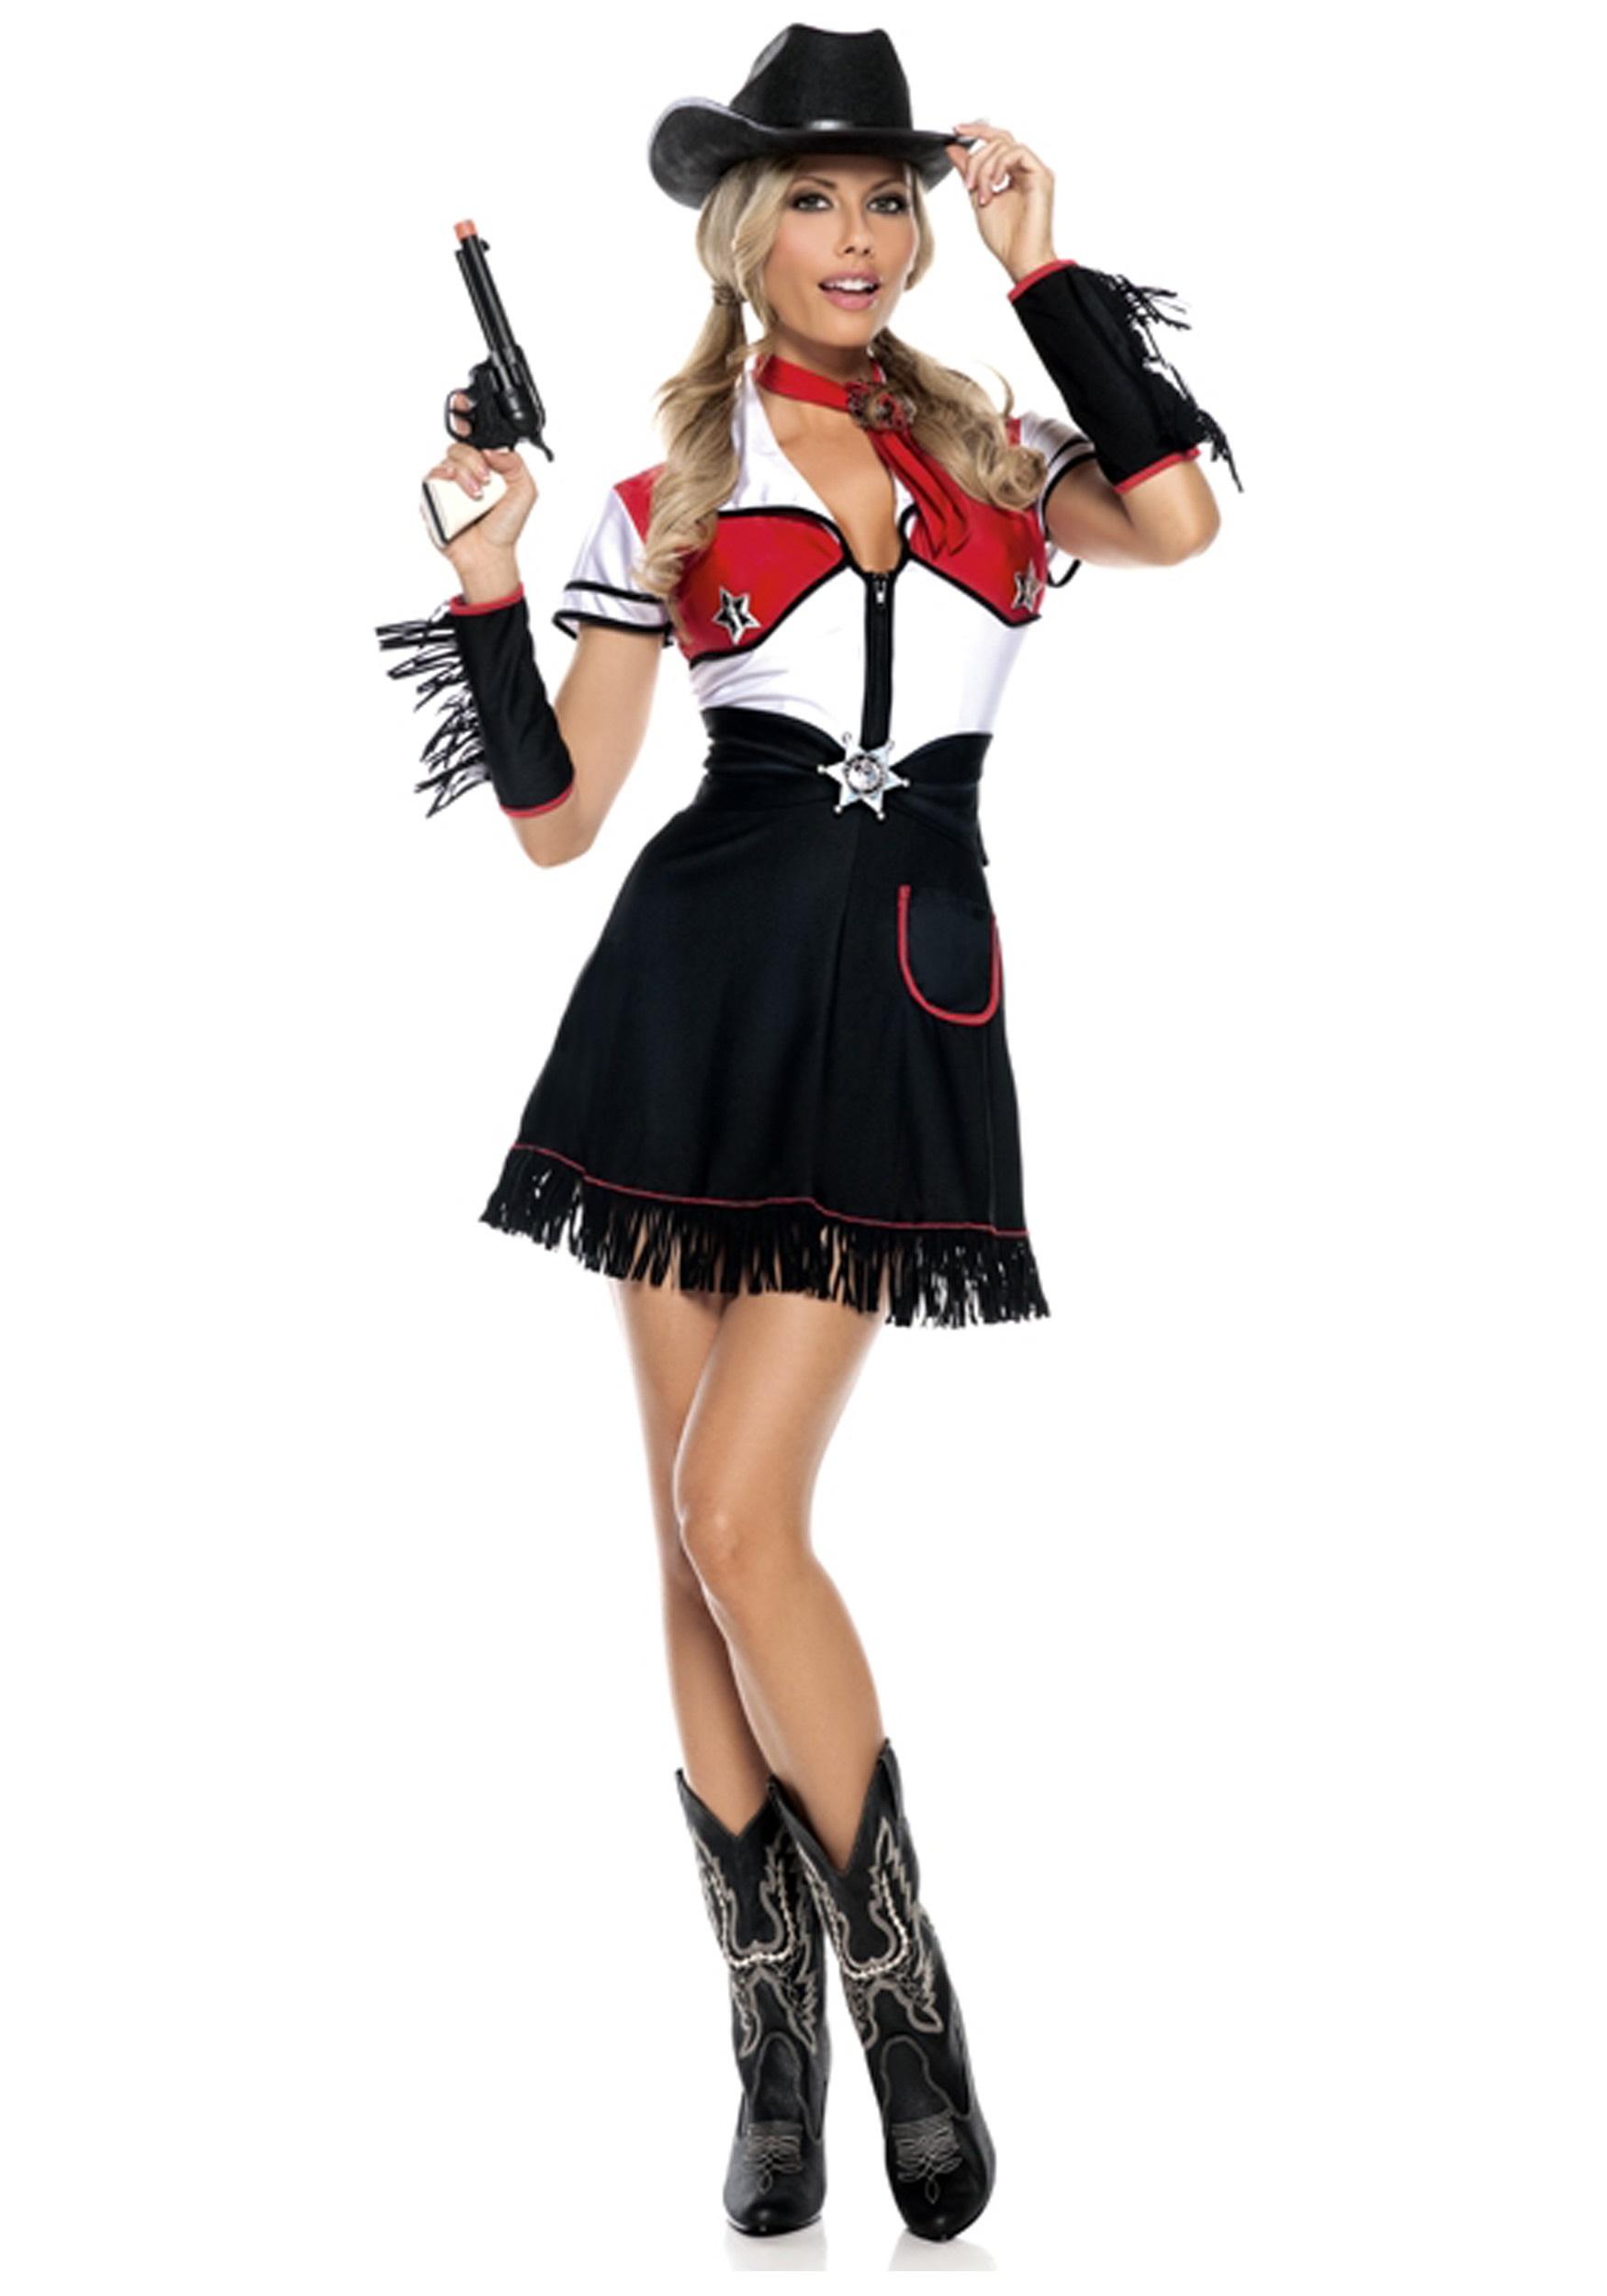 Queen of detention costume, private schoolgirl costume, sexy schoolgirl uniform